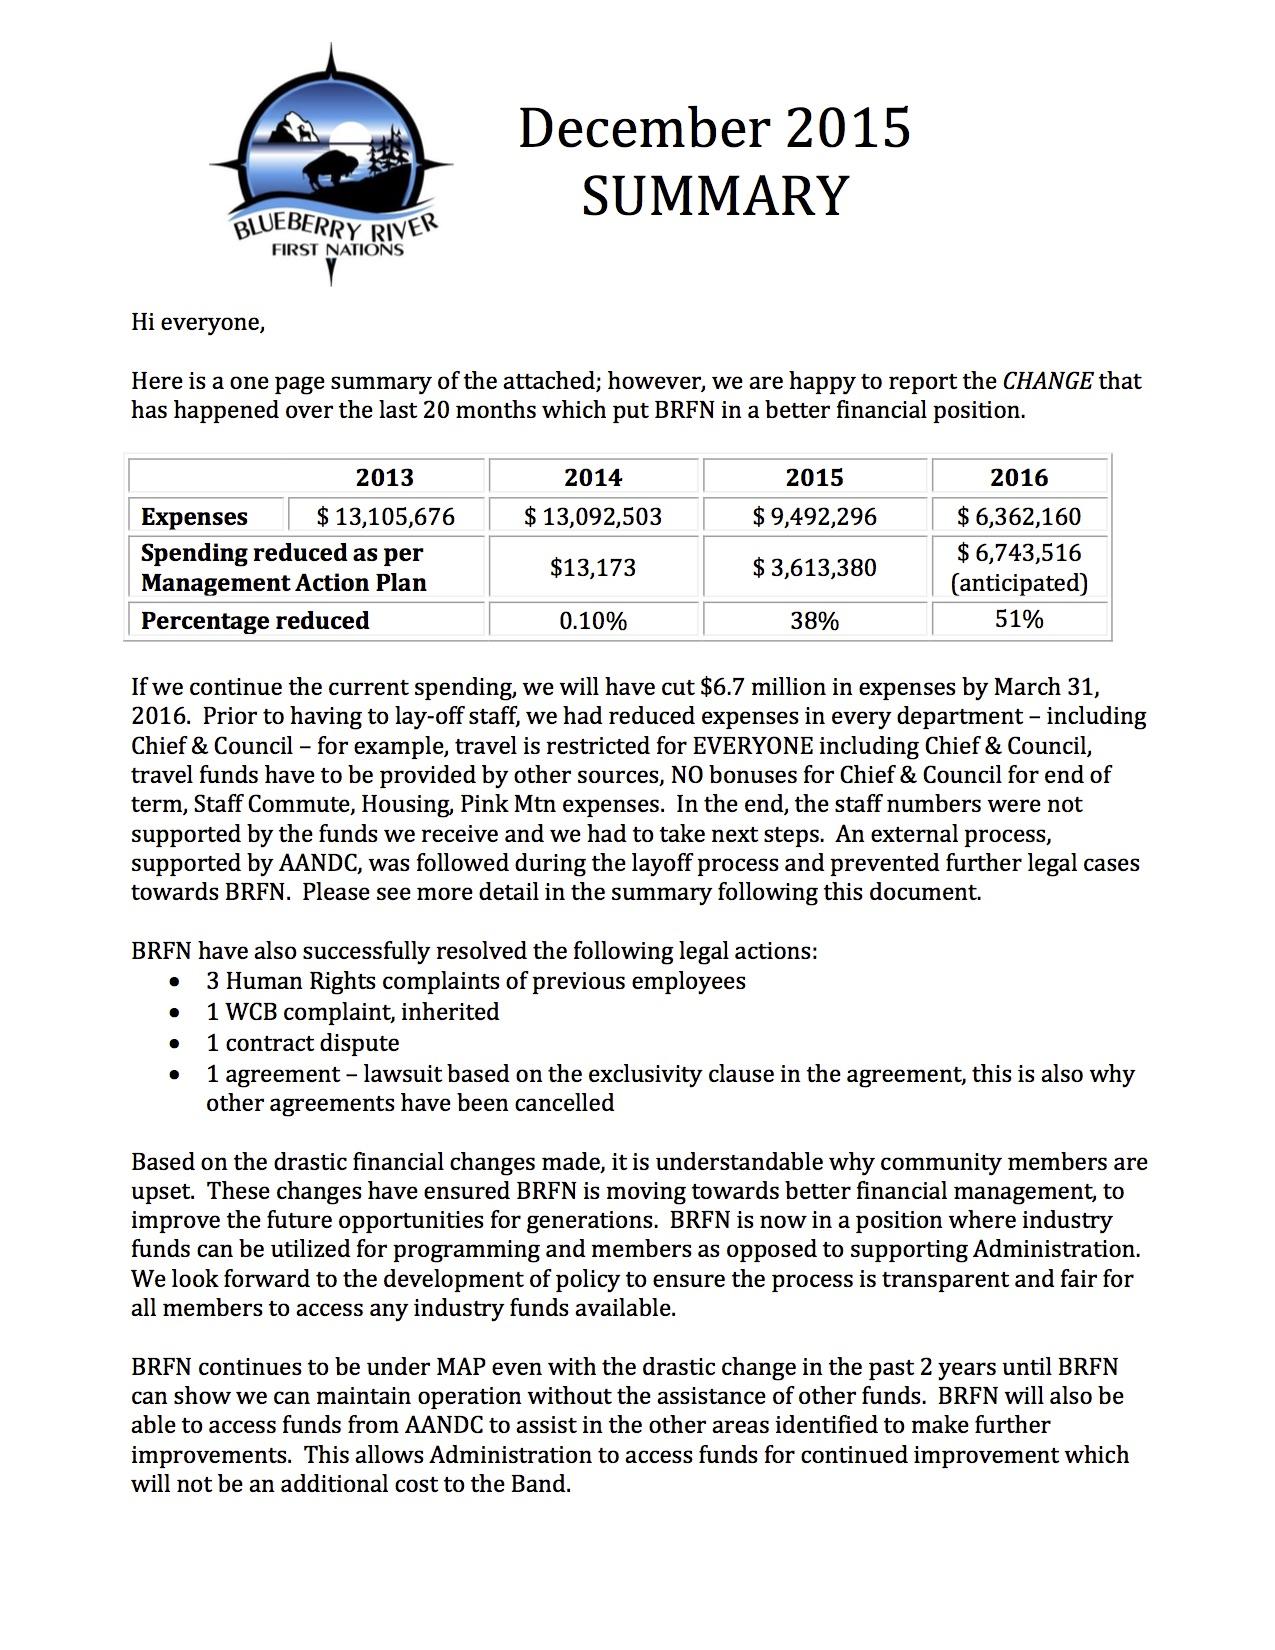 BRFN Summary Dec 2015.jpg